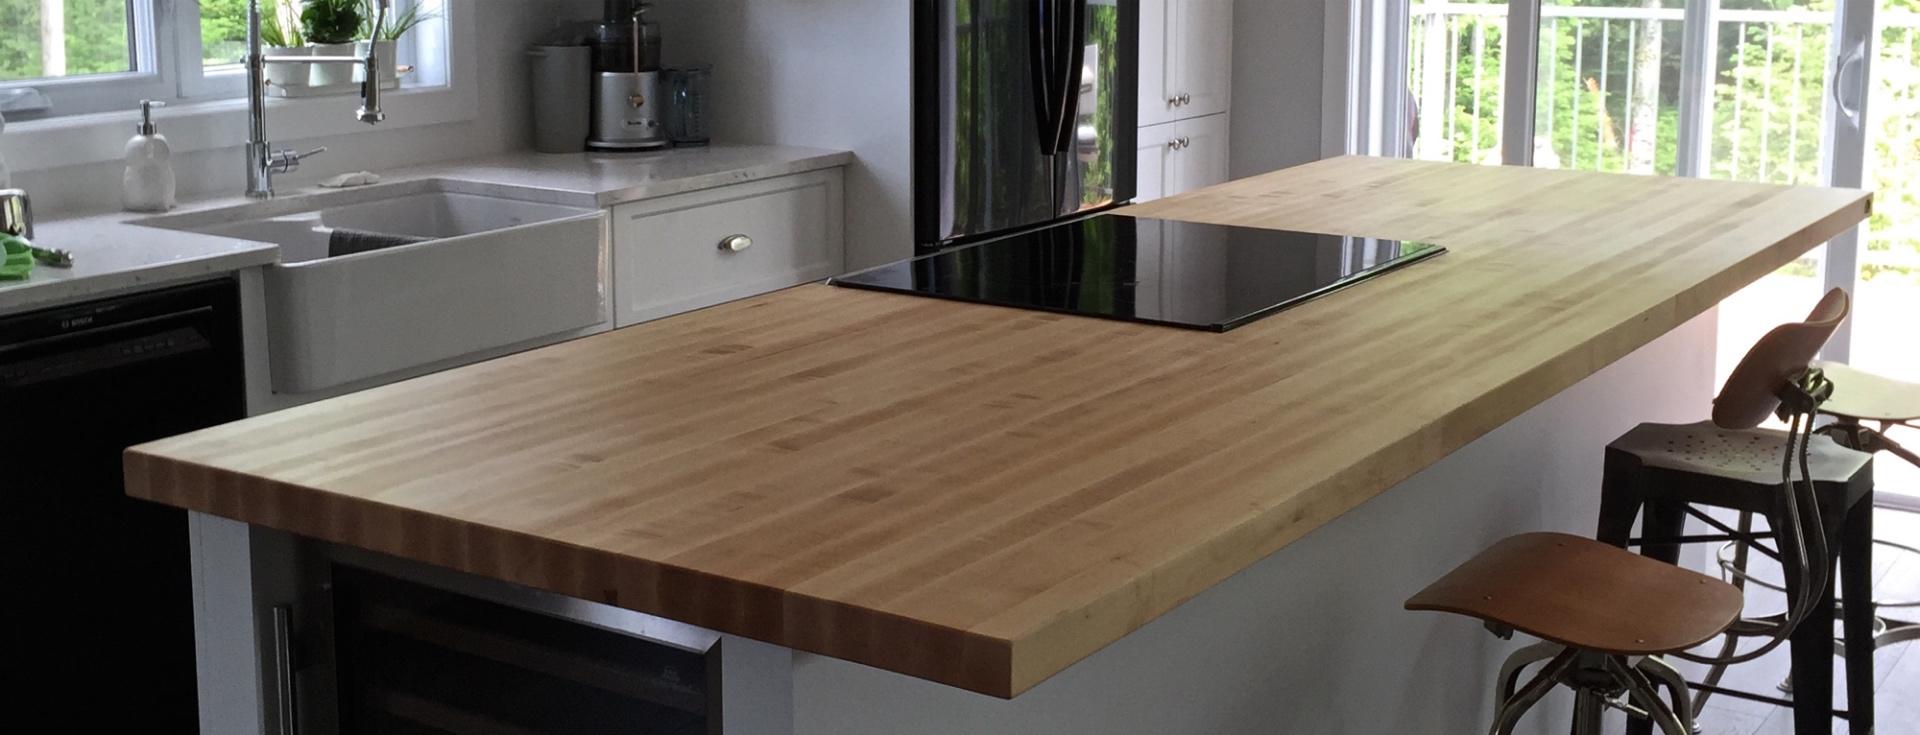 Table Comptoir Bloc De Boucher Et Ilot En Bois Massif